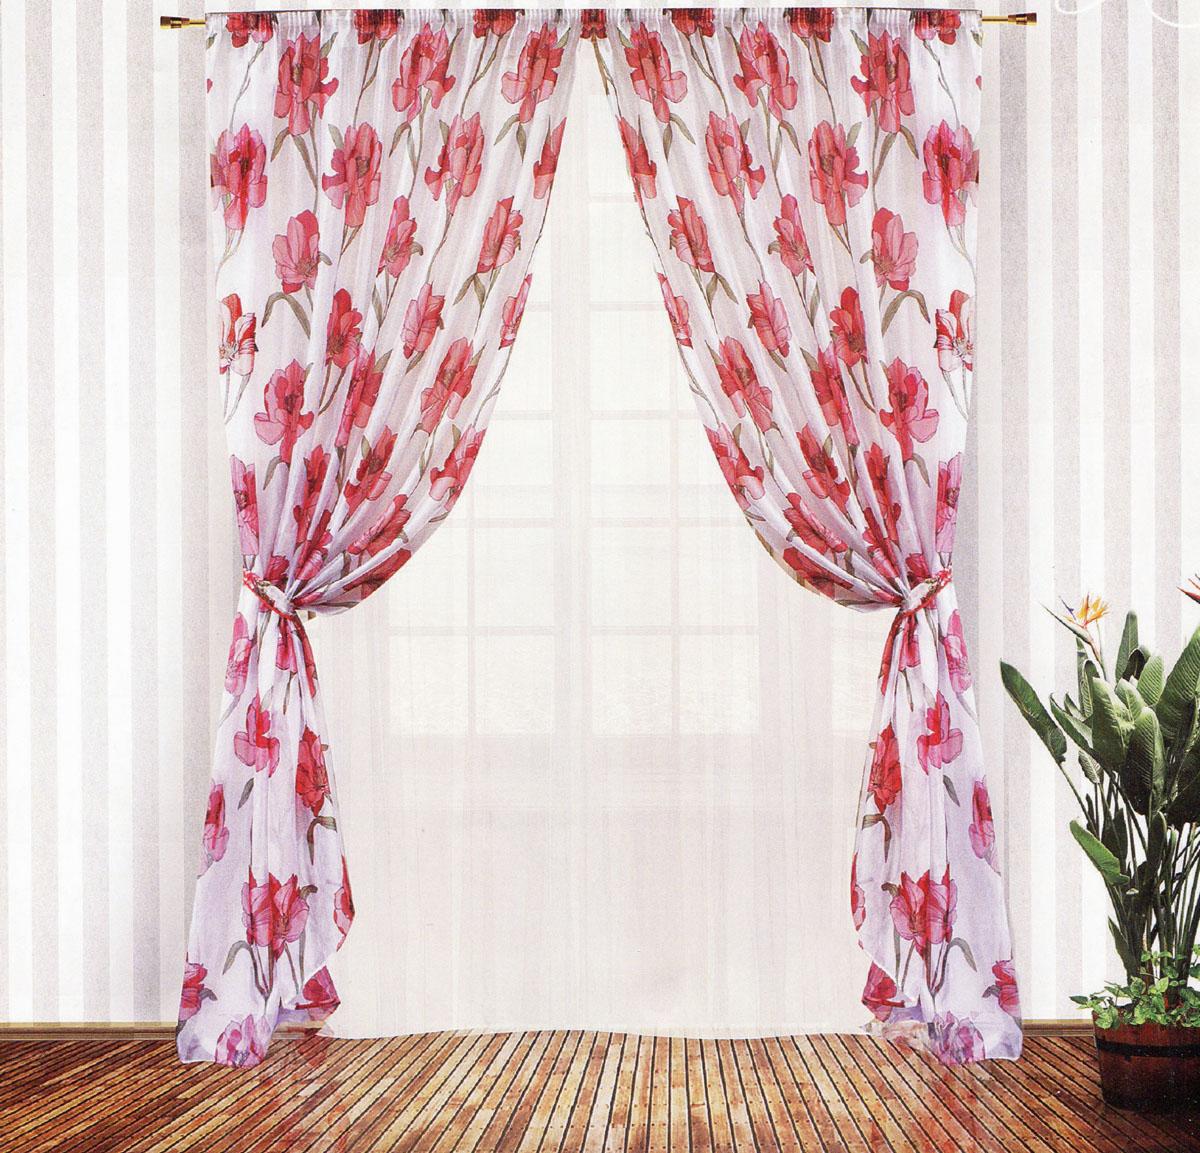 Комплект штор Zlata Korunka, на ленте, цвет: белый, красный, высота 250 см. 55540SVC-300Роскошный комплект тюлевых штор Zlata Korunka, выполненный из вуали и микровуали (100% полиэстера), великолепно украсит любое окно. Комплект состоит из двух штор, тюля и двух подхватов. Полупрозрачная ткань, цветочный принт и приятная, приглушенная гамма привлекут к себе внимание и органично впишутся в интерьер помещения. Комплект крепится на карниз при помощи шторной ленты, которая поможет красиво и равномерно задрапировать верх. Шторы можно зафиксировать в одном положении с помощью двух подхватов. Этот комплект будет долгое время радовать вас и вашу семью! В комплект входит: Штора: 2 шт. Размер (ШхВ): 200 см х 250 см. Тюль: 1 шт. Размер (ШхВ): 400 см х 250 см.Подхват: 2 шт. Размер (ШхВ): 60 см х 10 см.